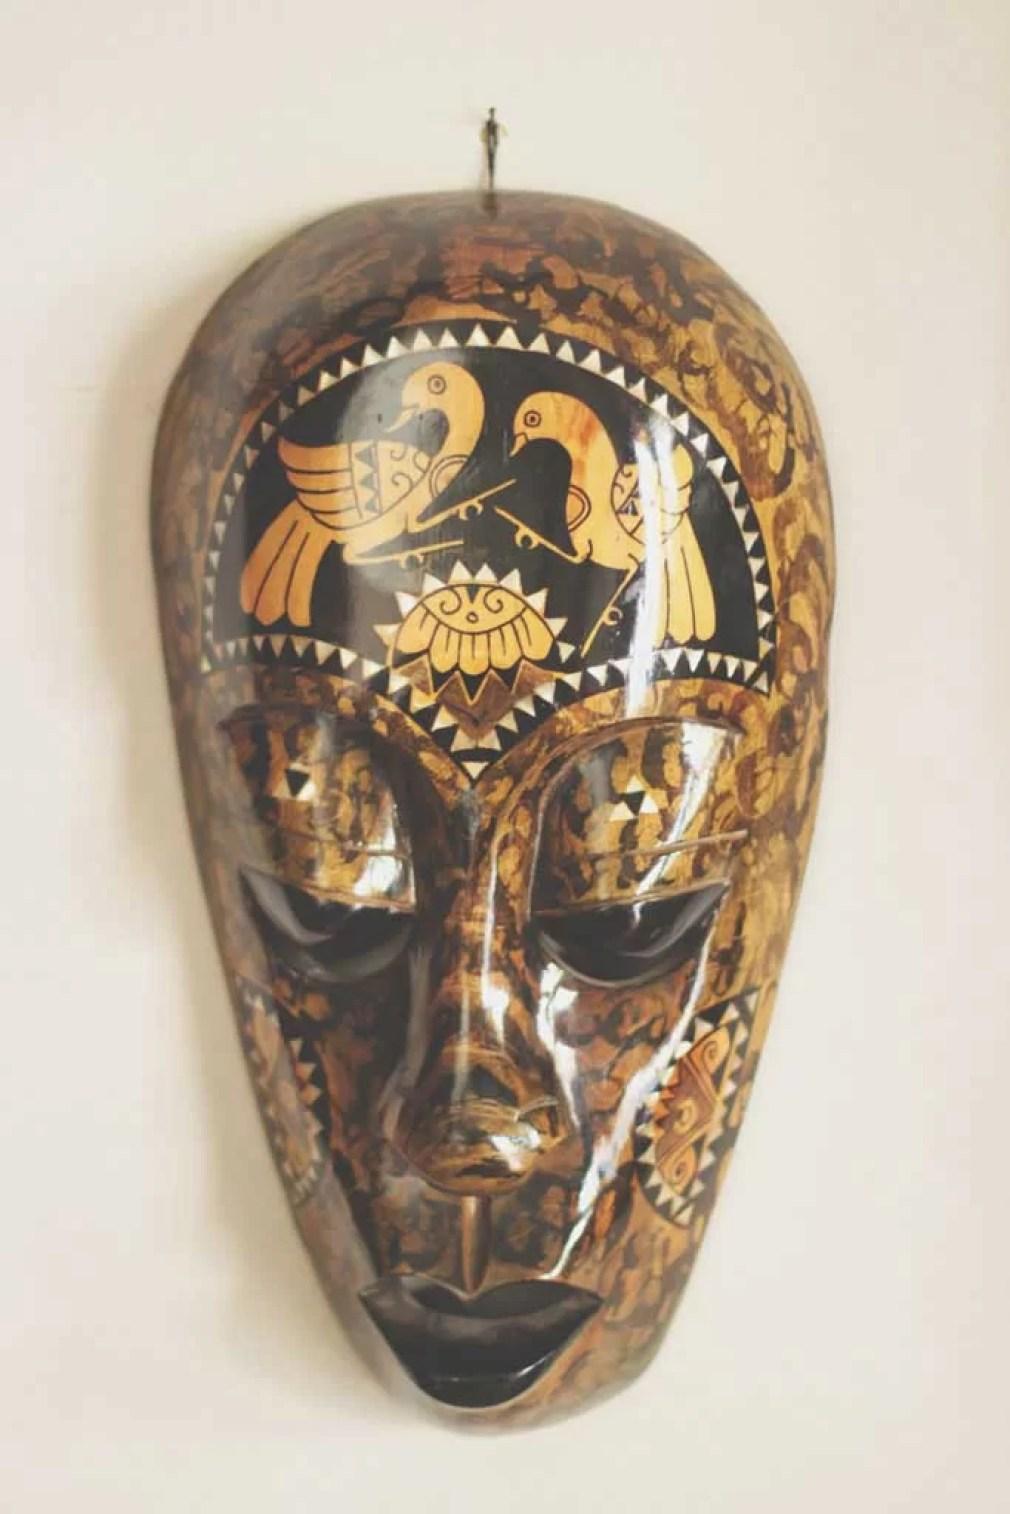 Máscara africana para decoração de ambientes